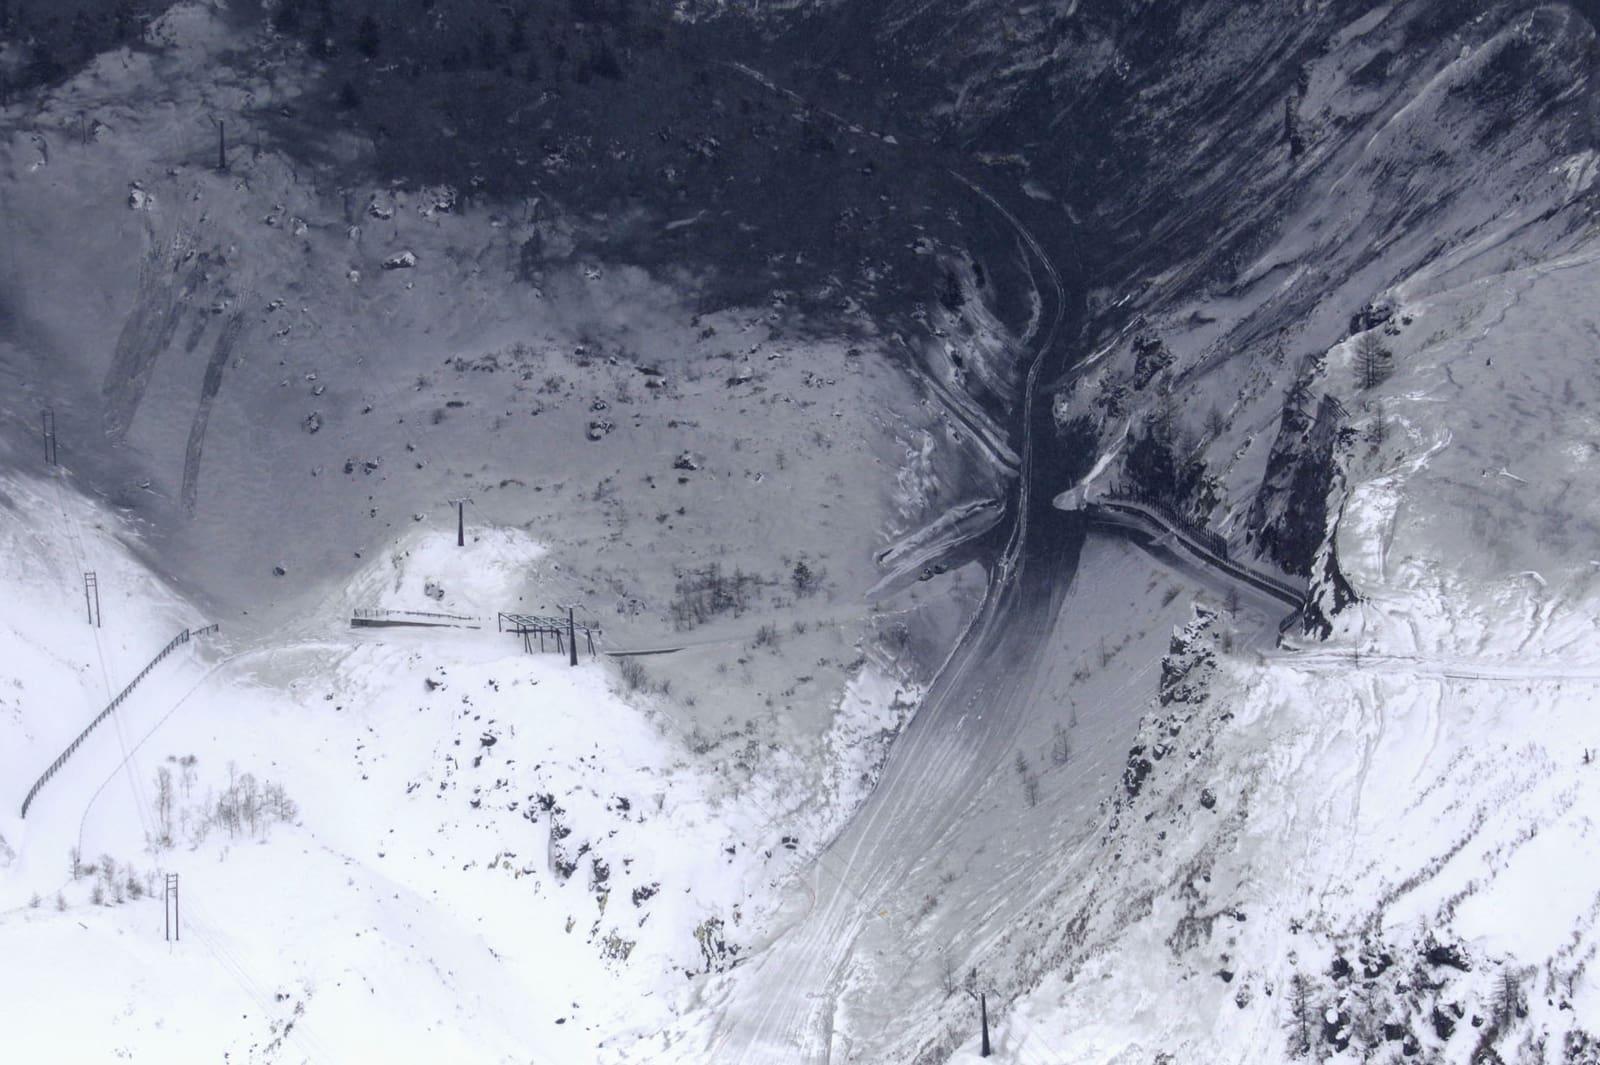 草津白根山噴火 十数人負傷 スキー場で雪崩発生か